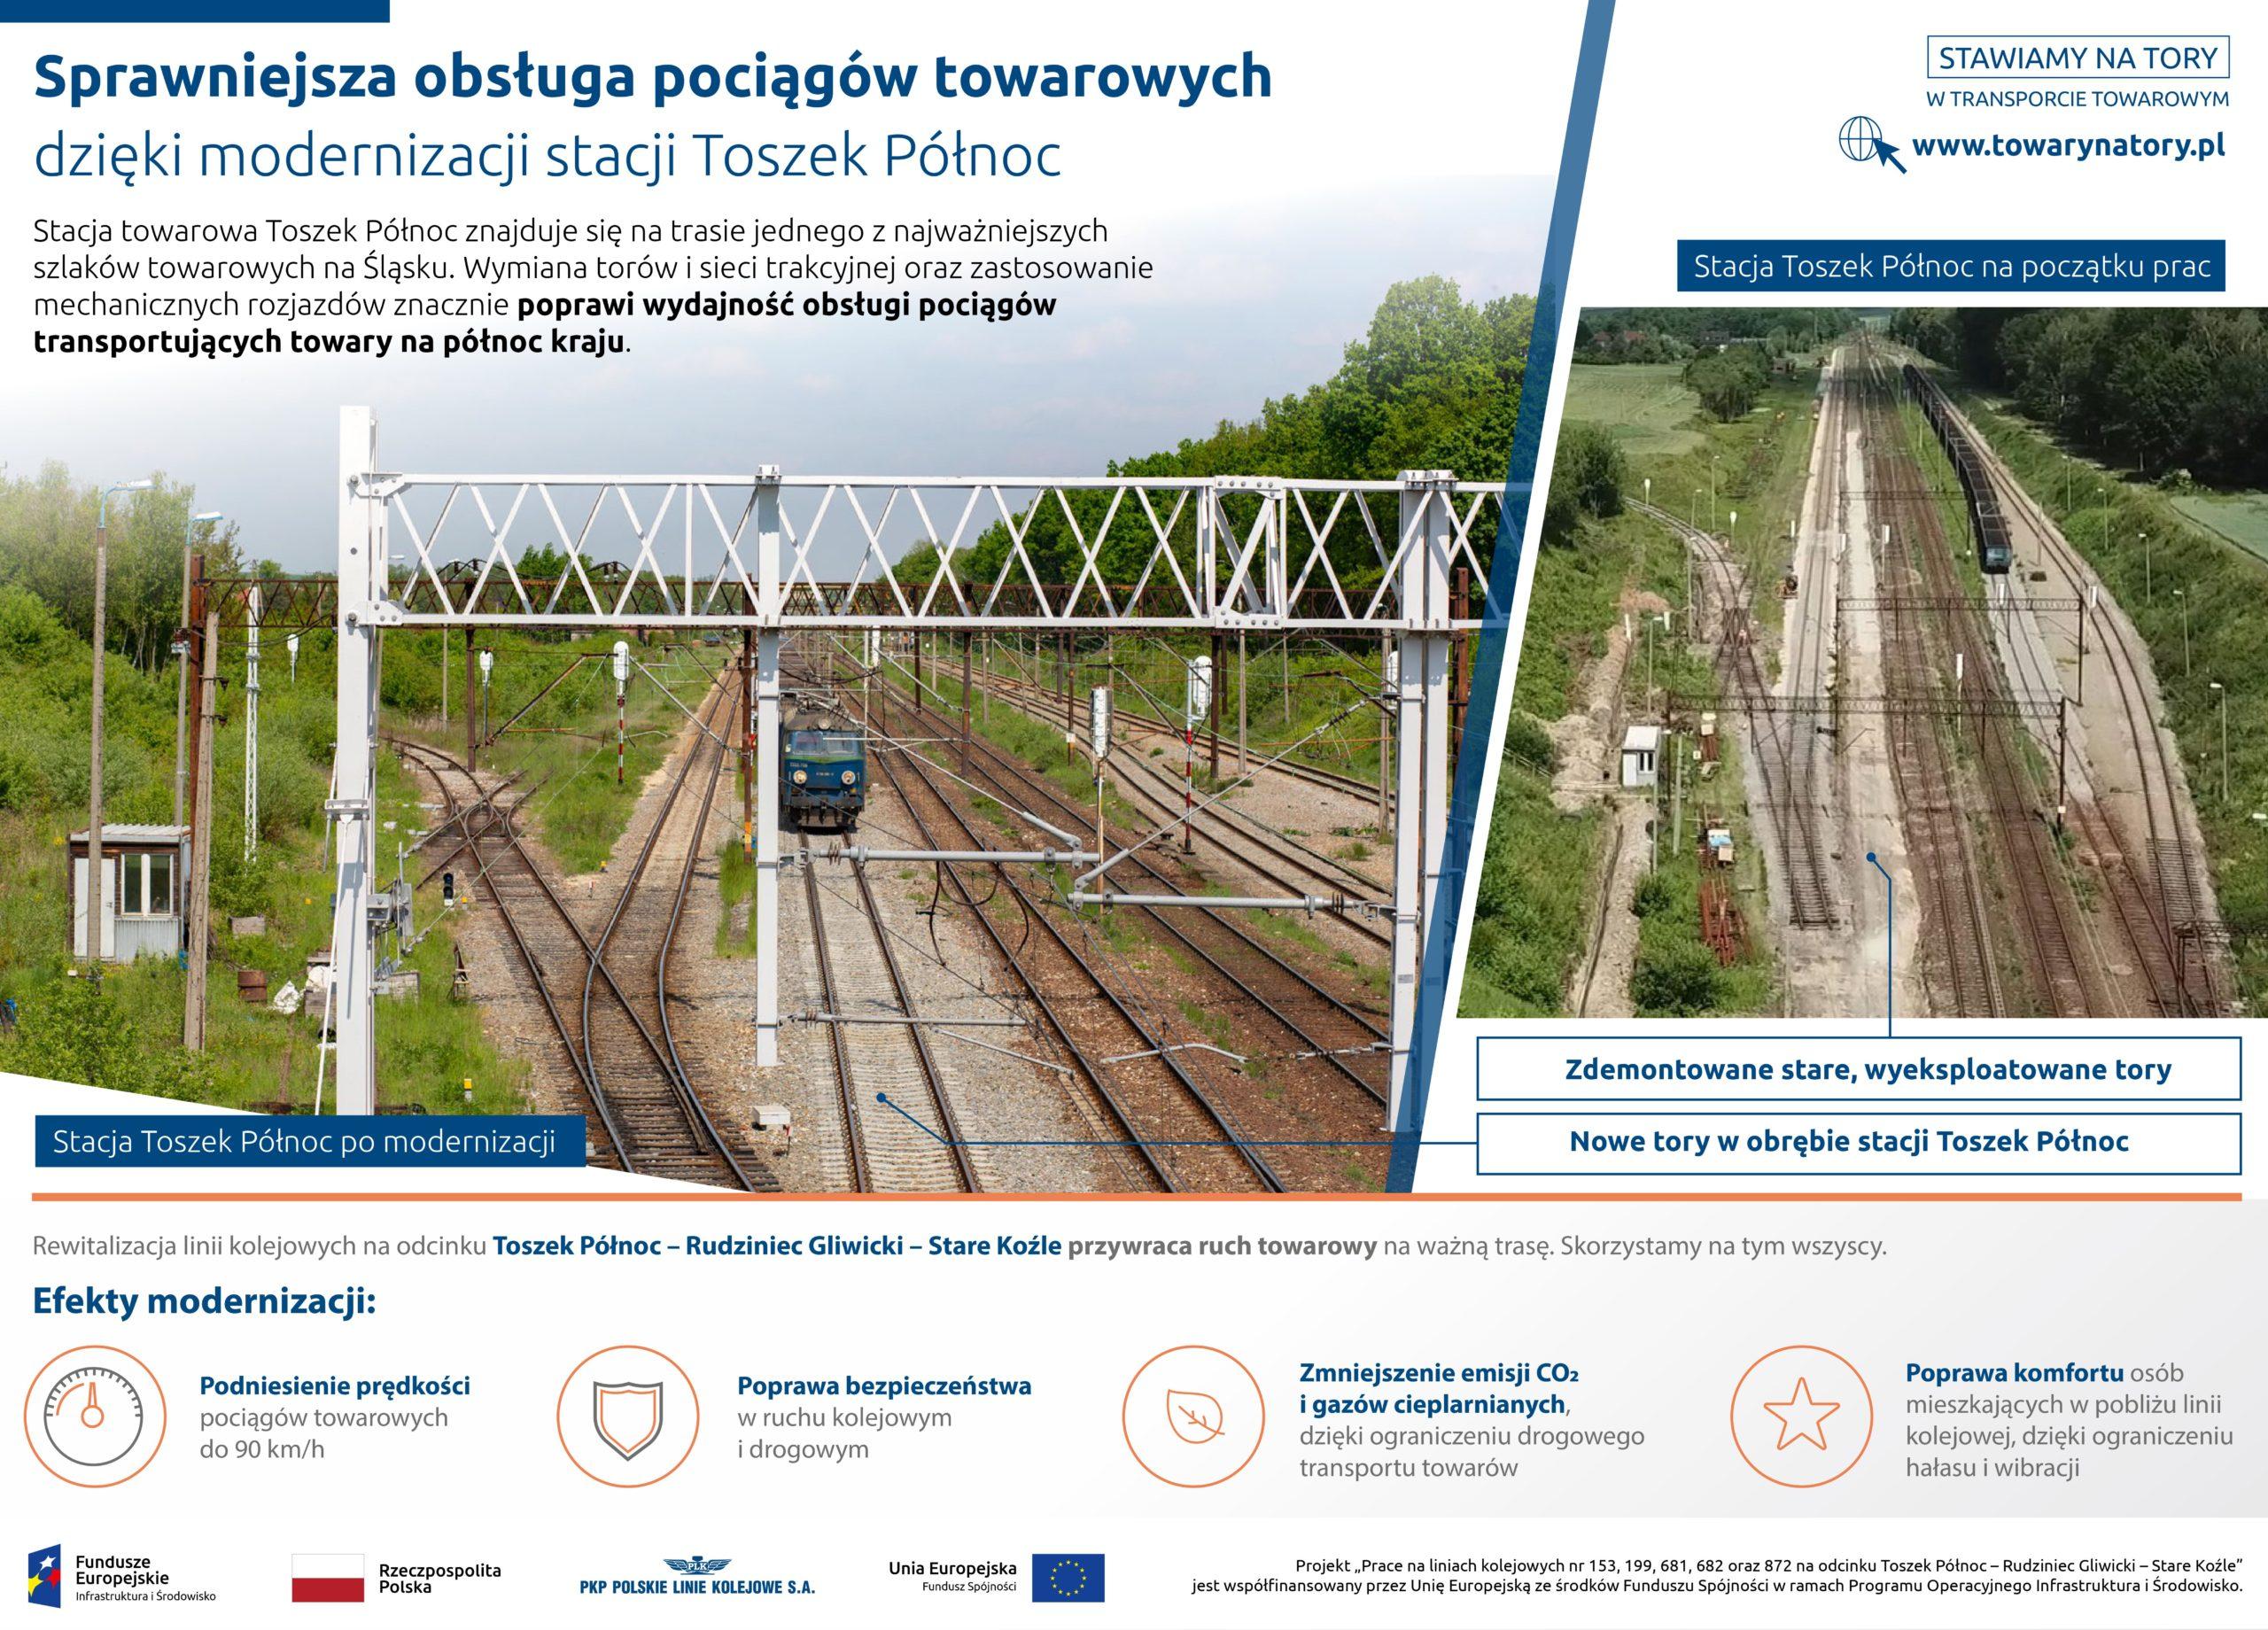 Infografika pokazuje efekty modernizacji stacji Toszek Północ. Mówi o wymianie toków, sieci trakcyjnej i rozjazdów.